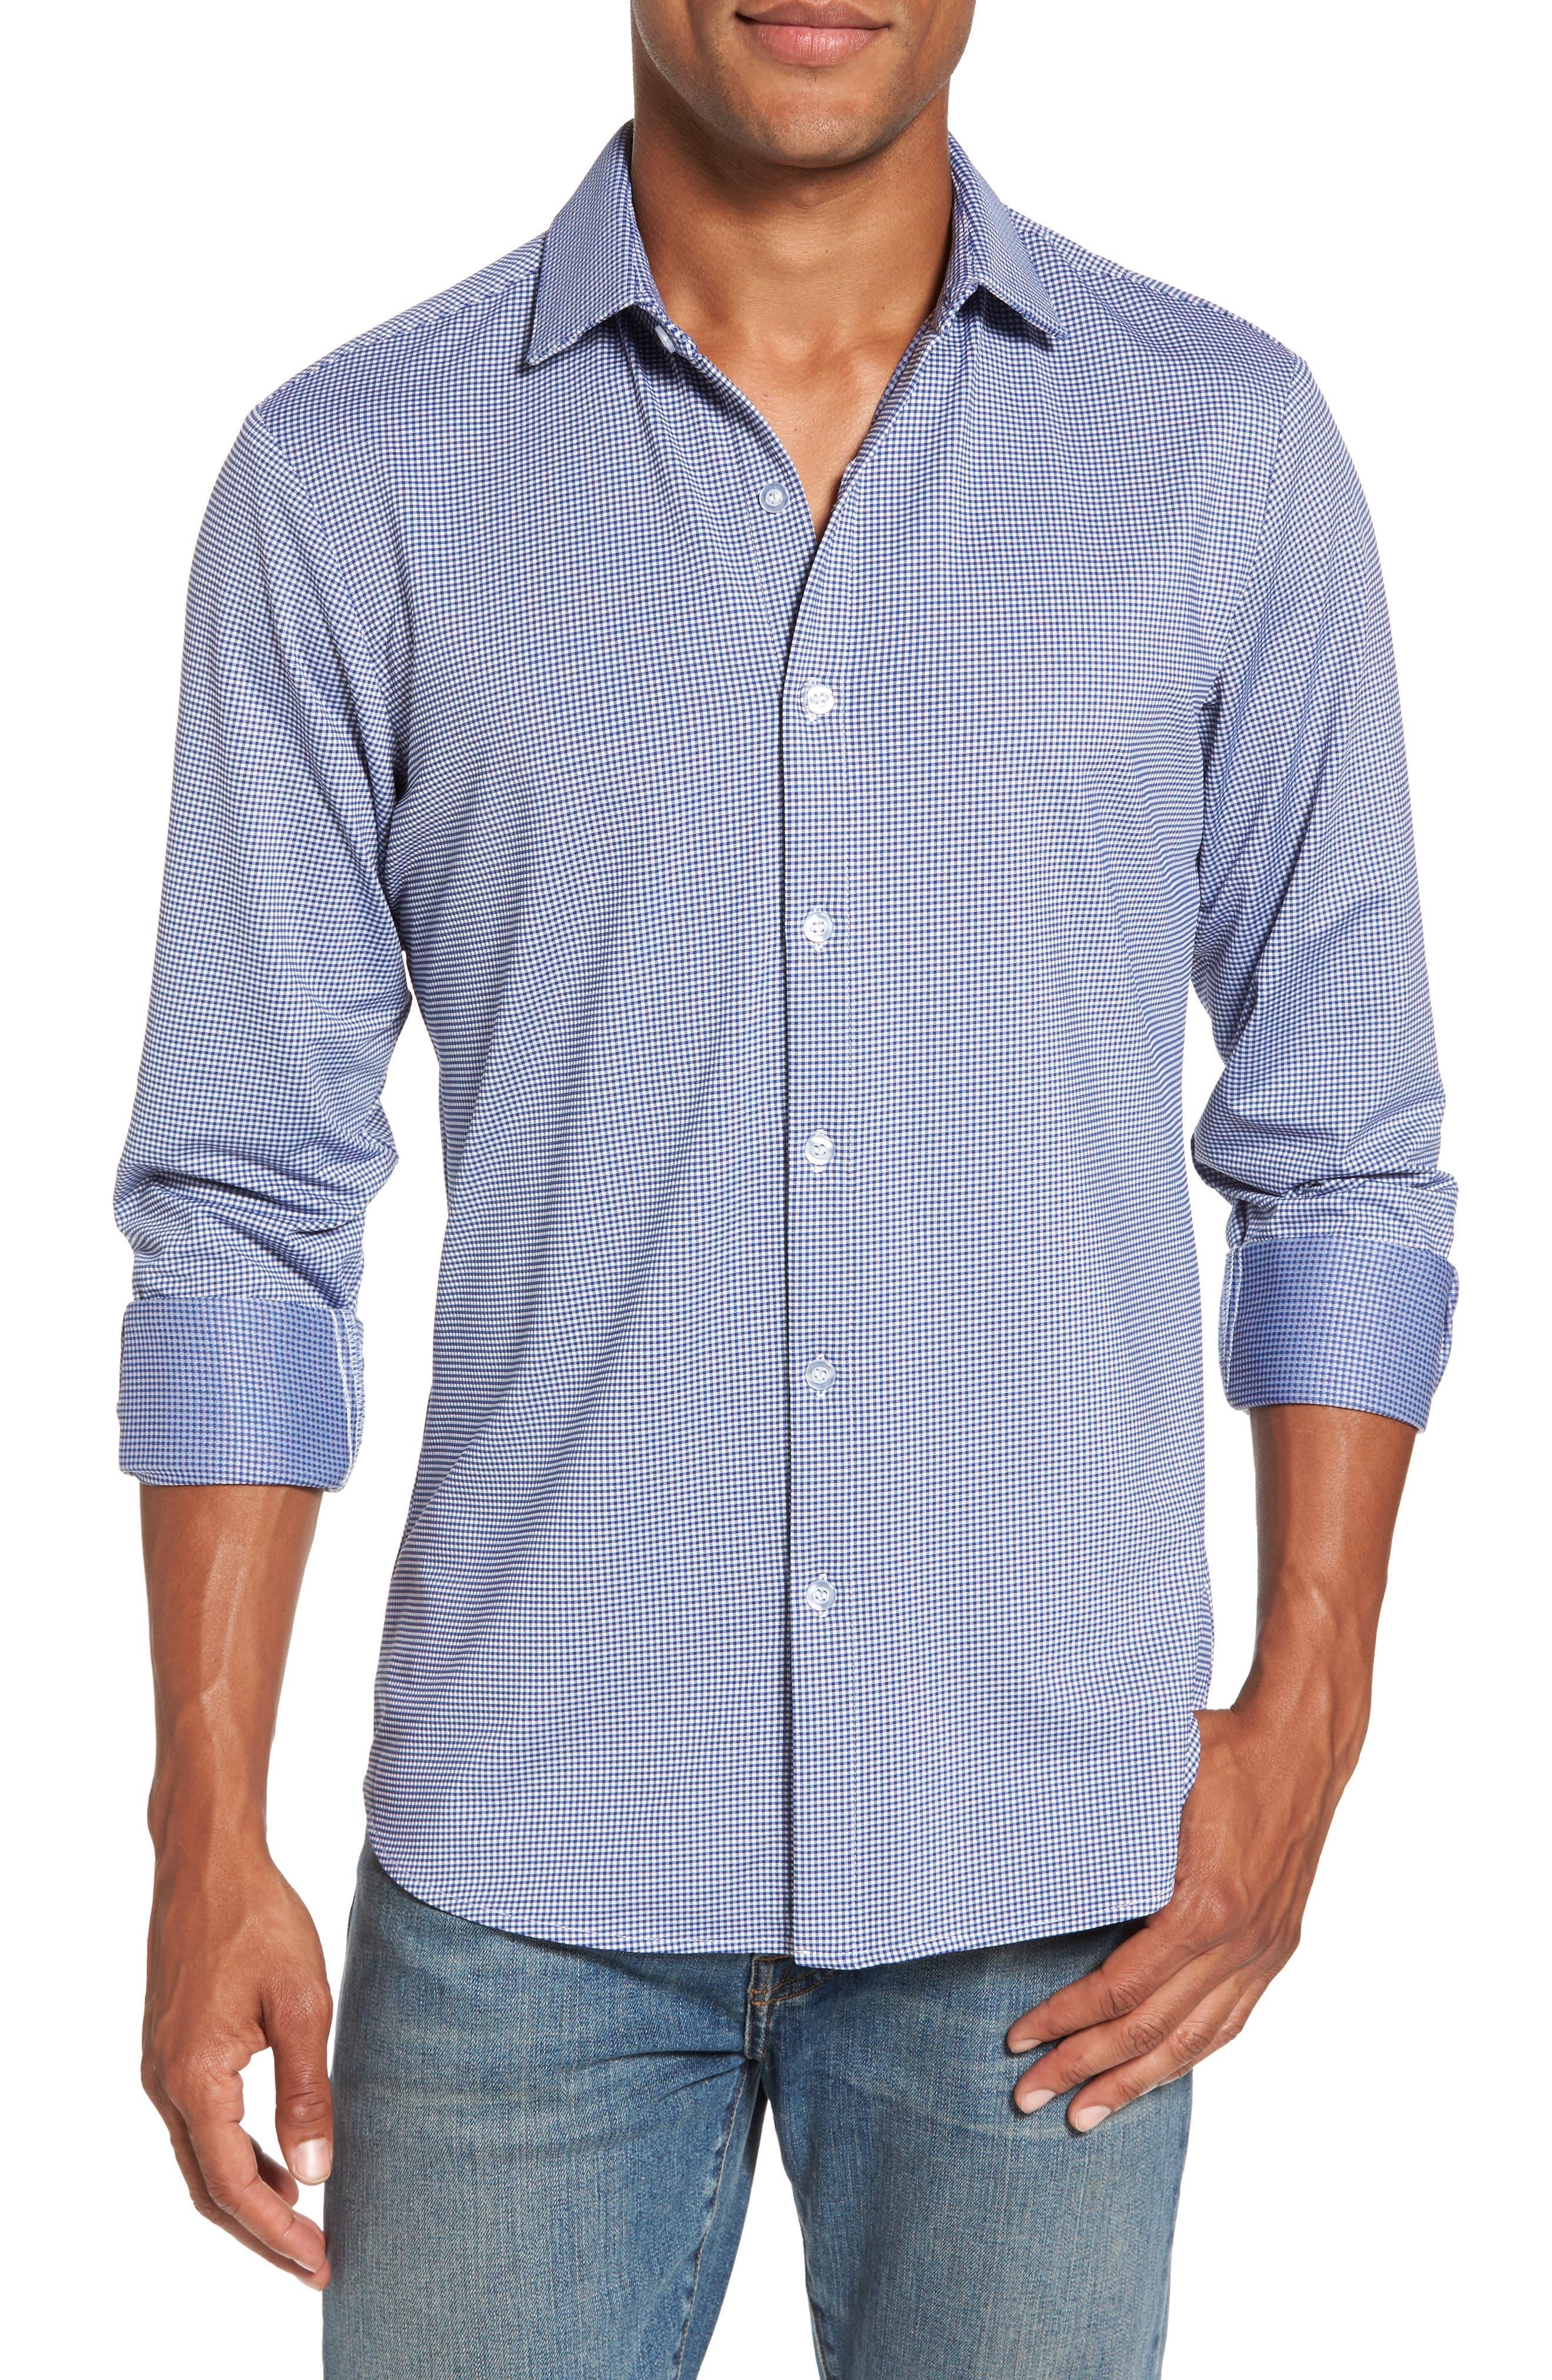 Beckett Trim Fit Gingham Sport Shirt, Main, color, BLUE